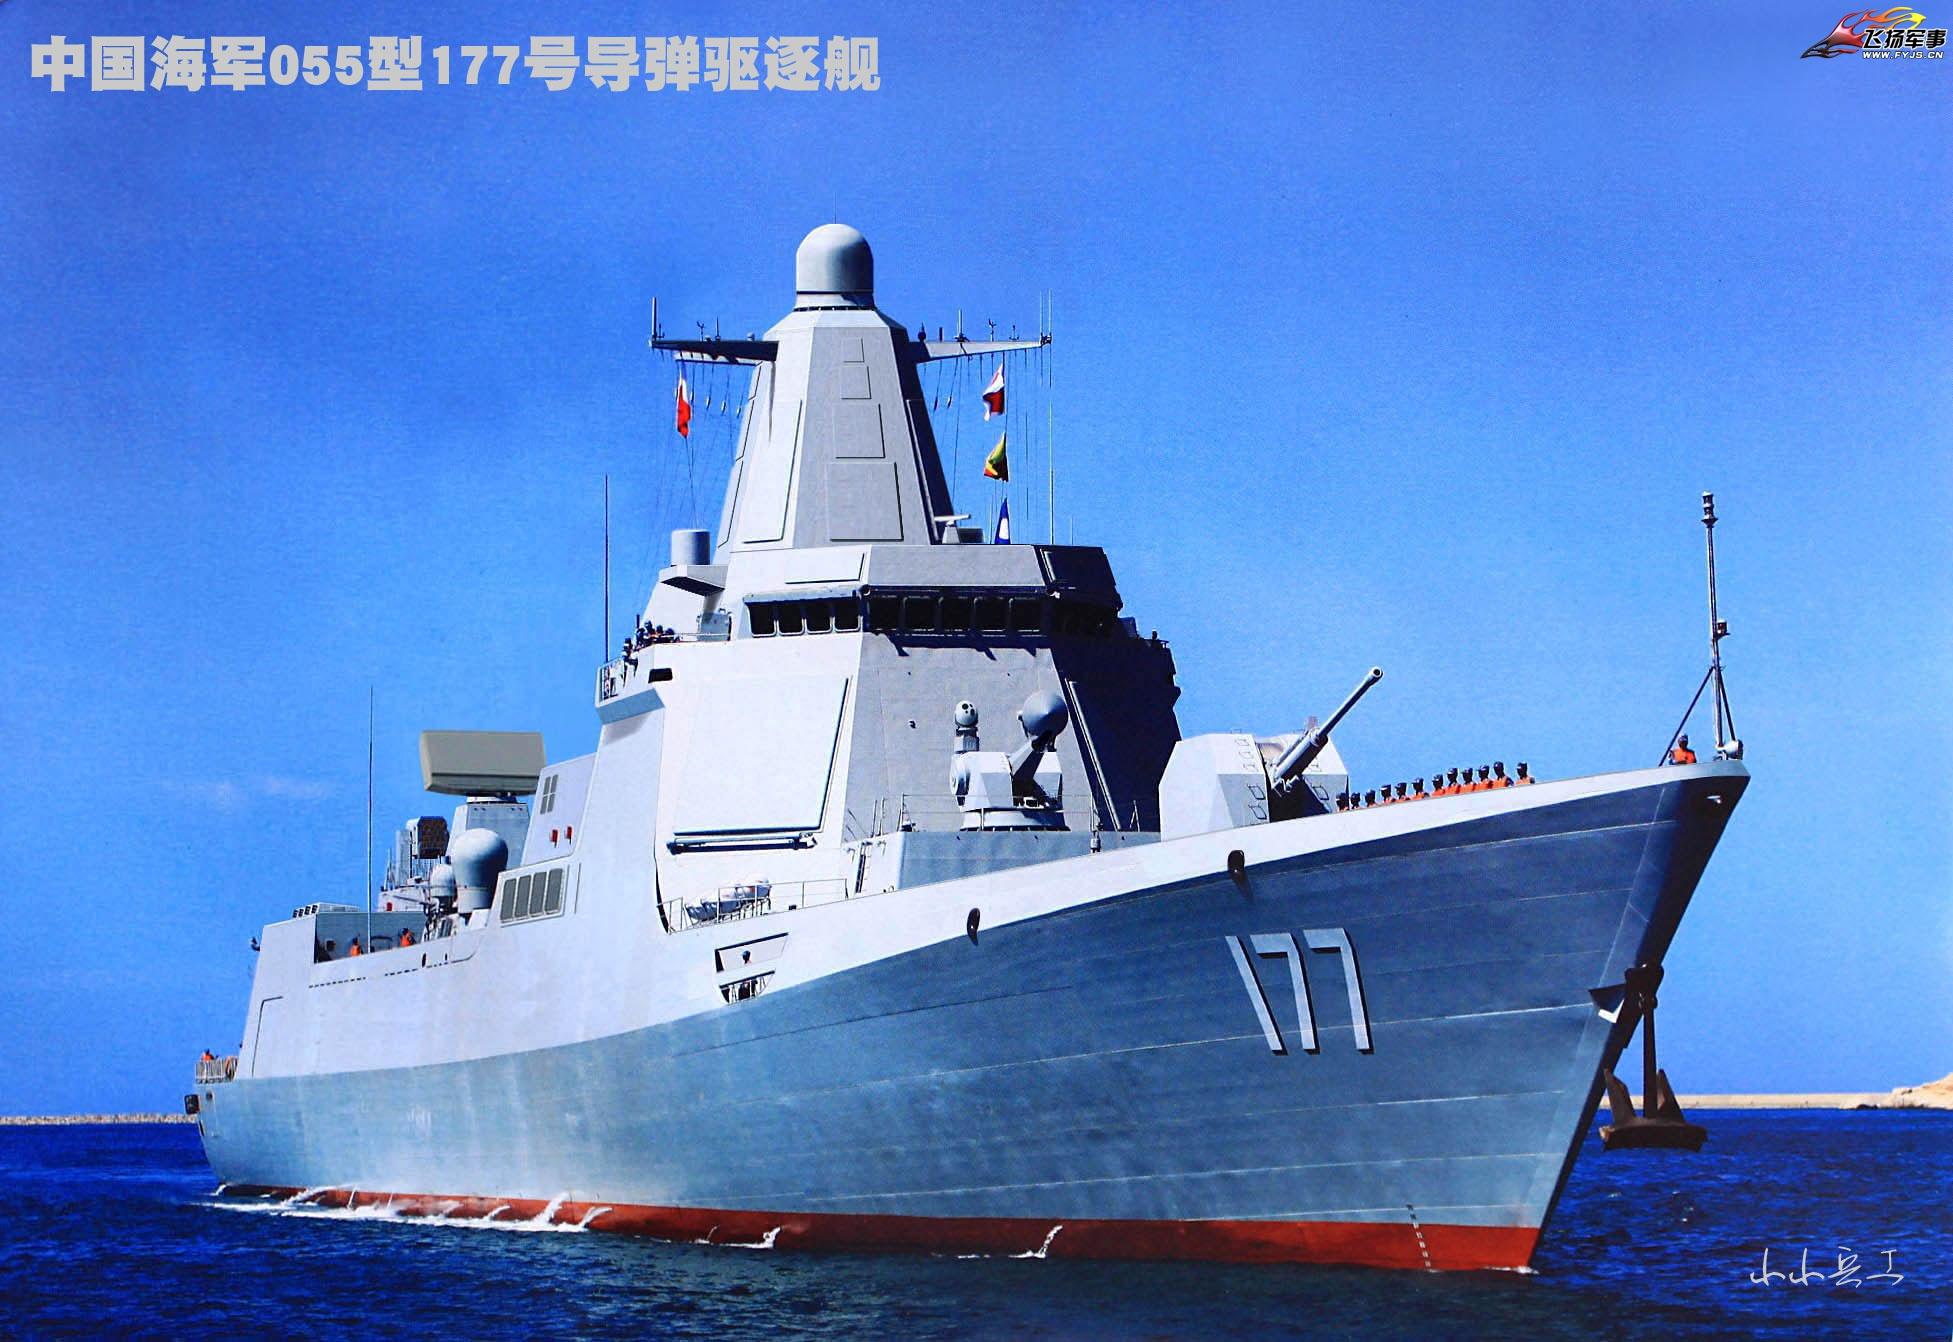 Outra concepção do Type 055 com mastro eletrônico integrado